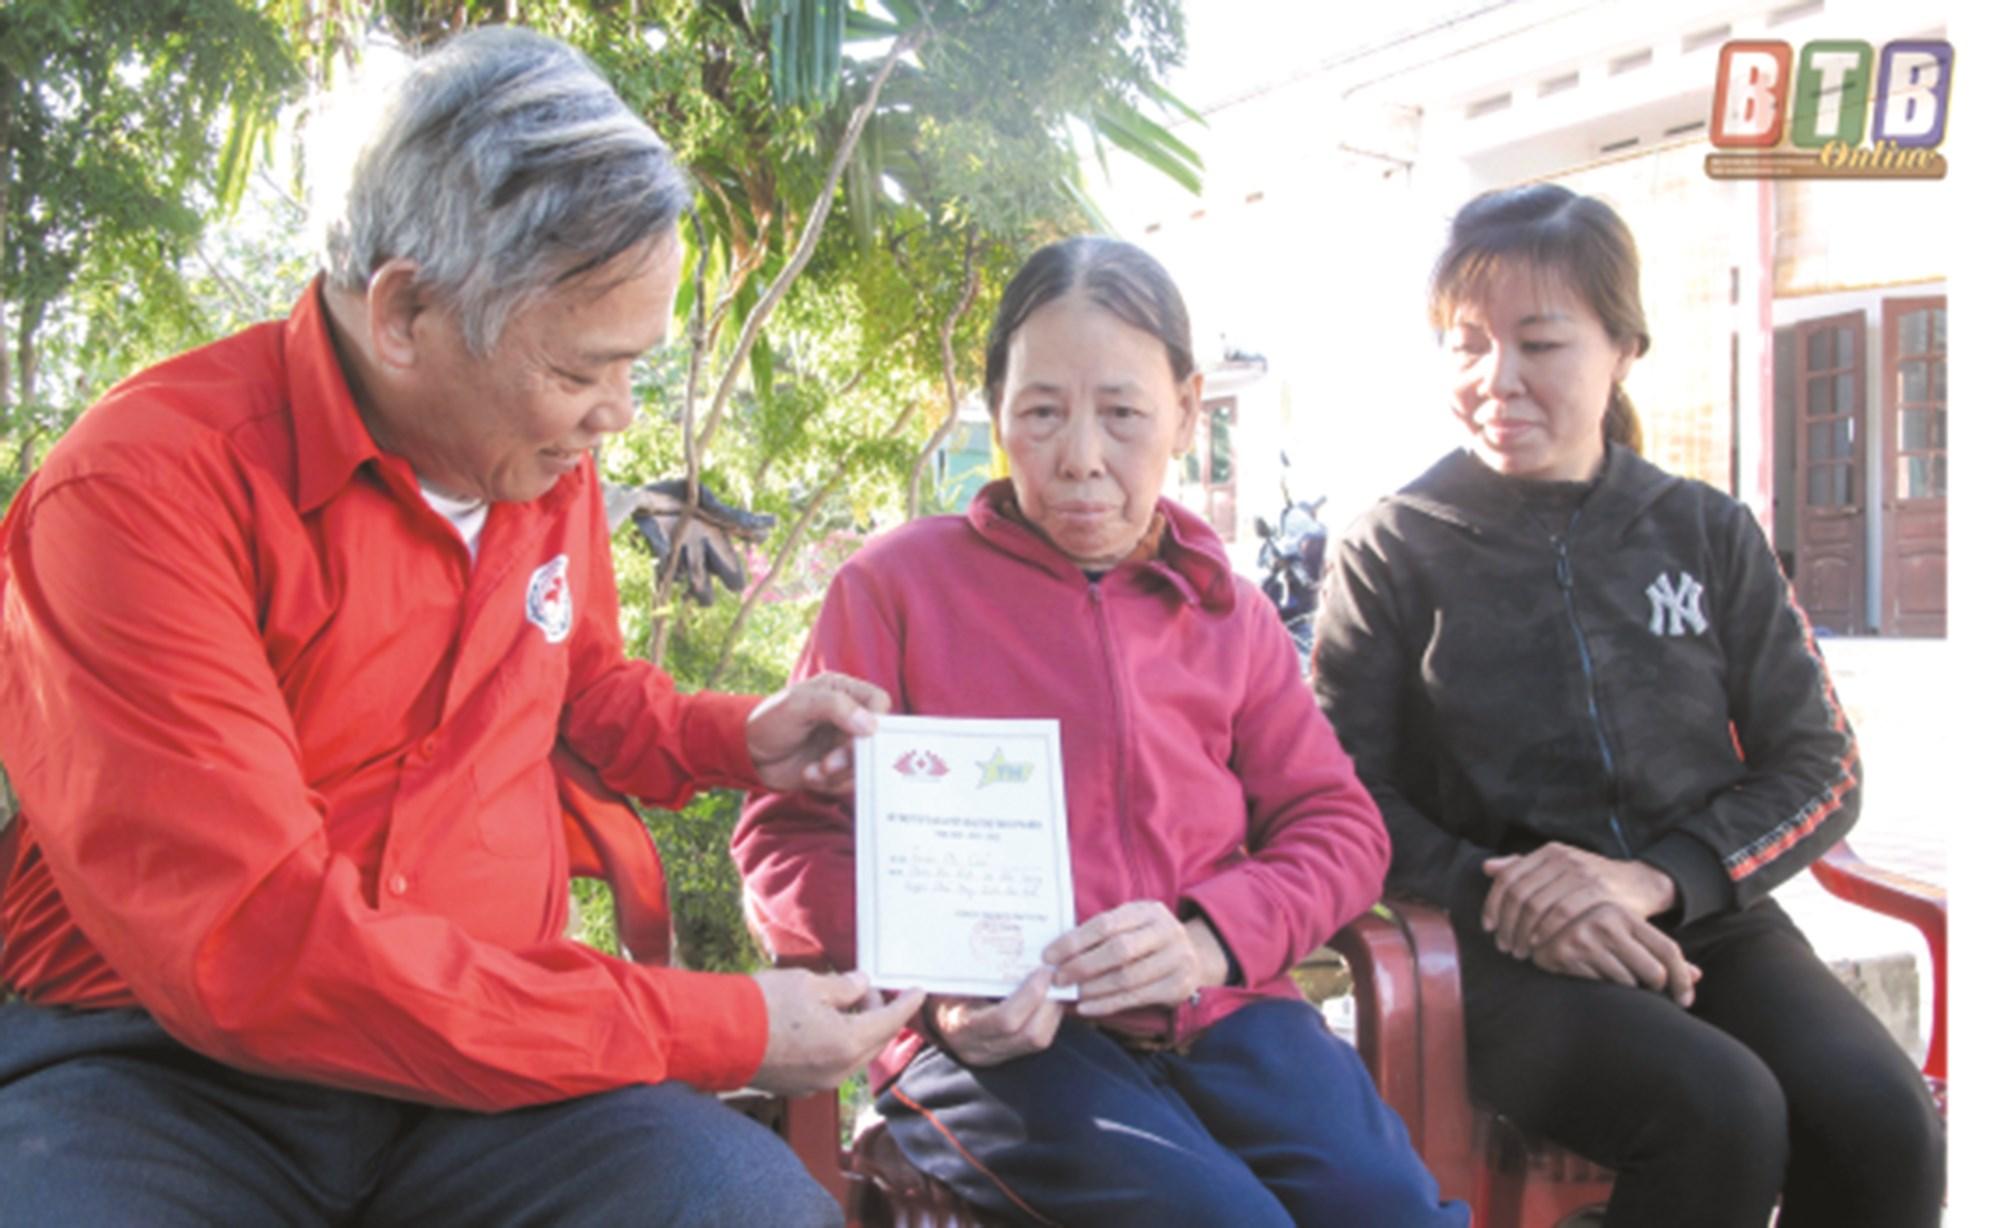 Hội Chữ thập đỏ xã Thái Giang trao sổ bảo trợ thoát nghèo cho bà Trần Thị Cúc, thôn Hạ Liệt.